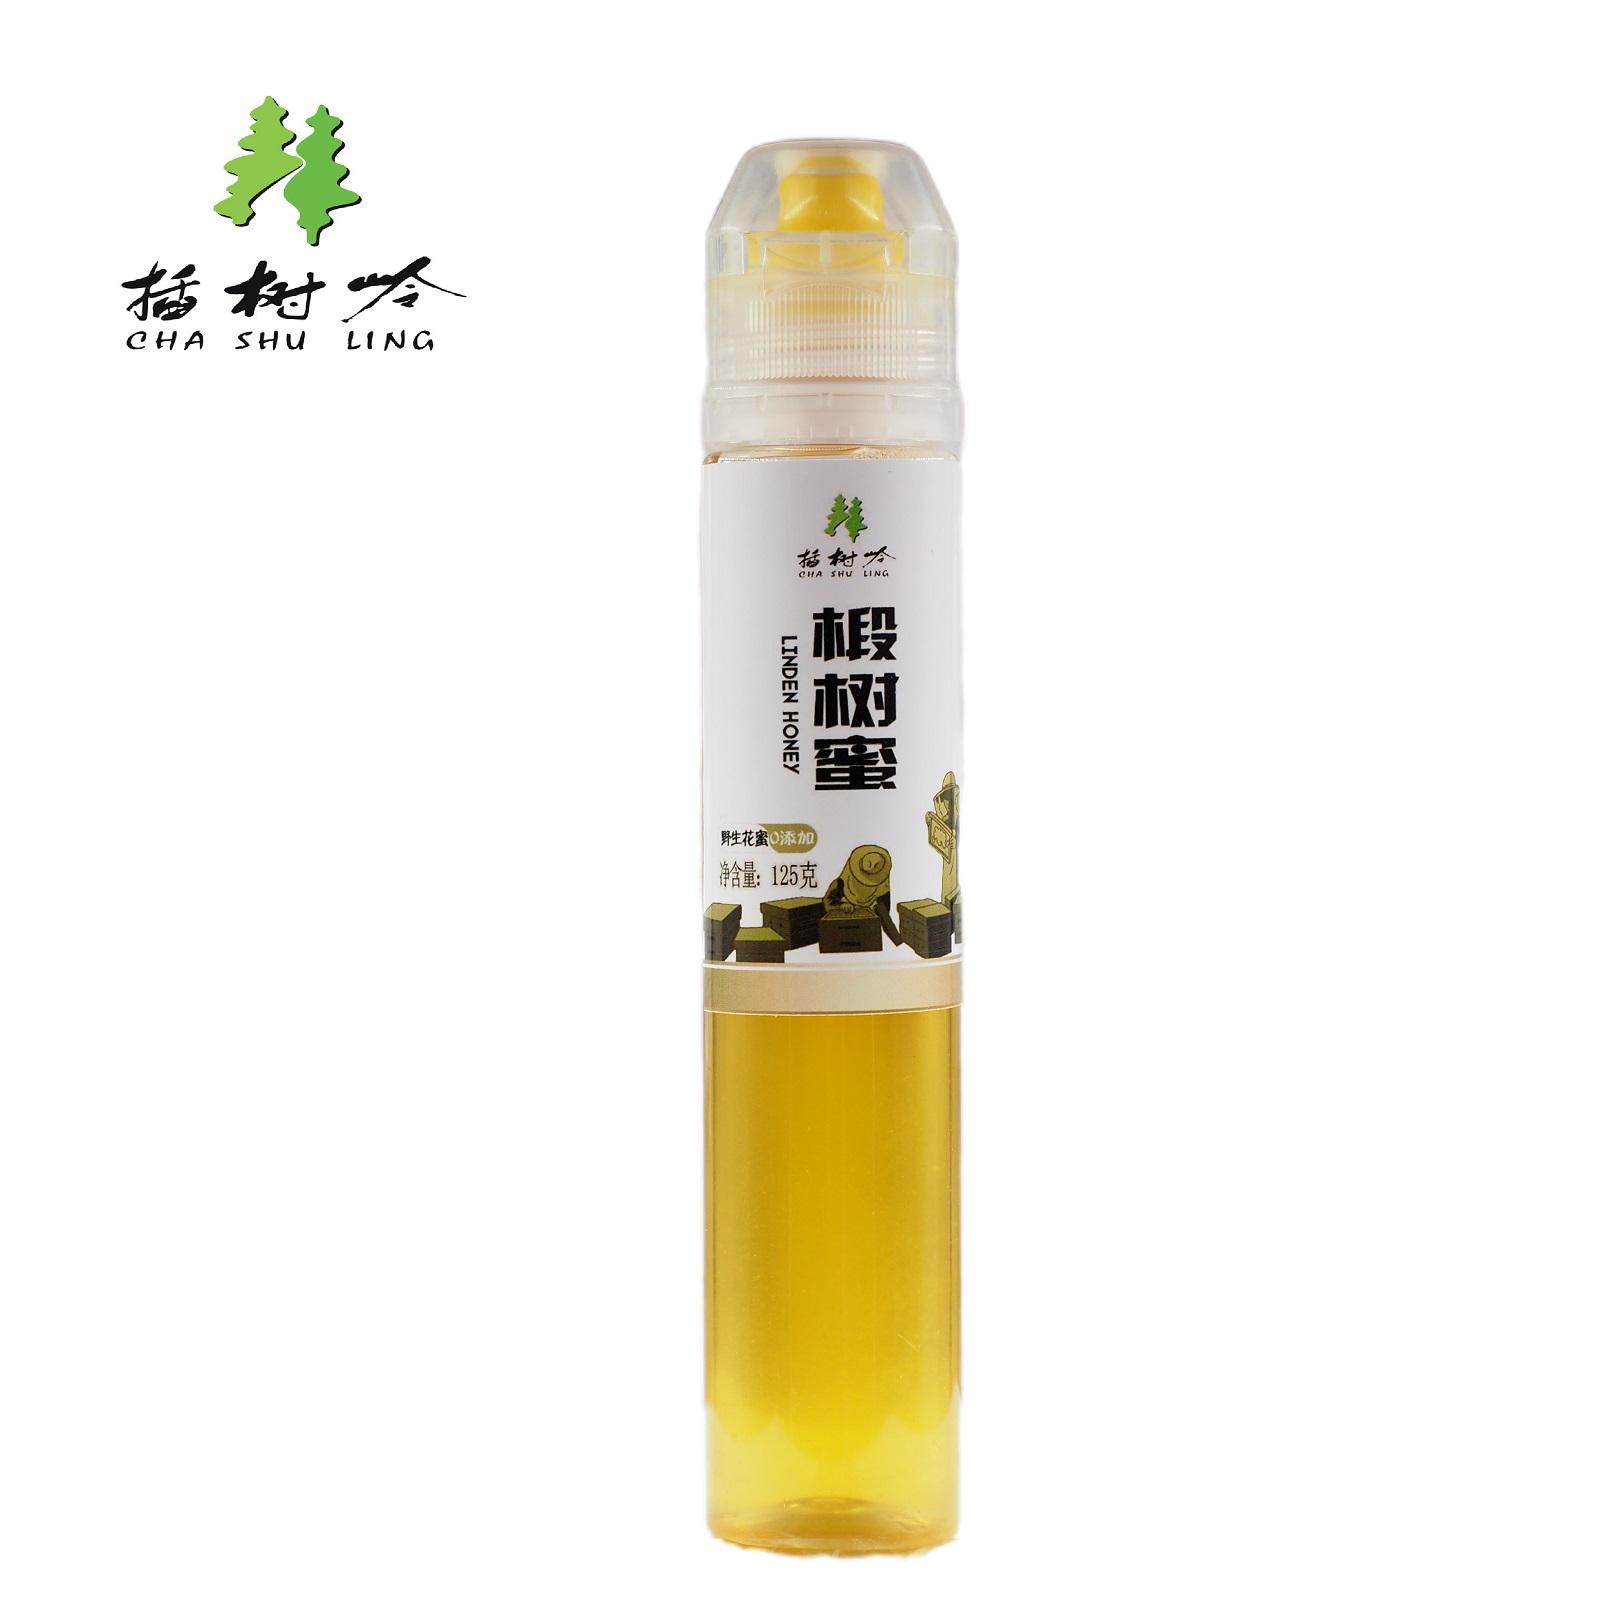 插树岭椴树蜜便携装蜂蜜东北蜂蜜天然蜂蜜小瓶装125克